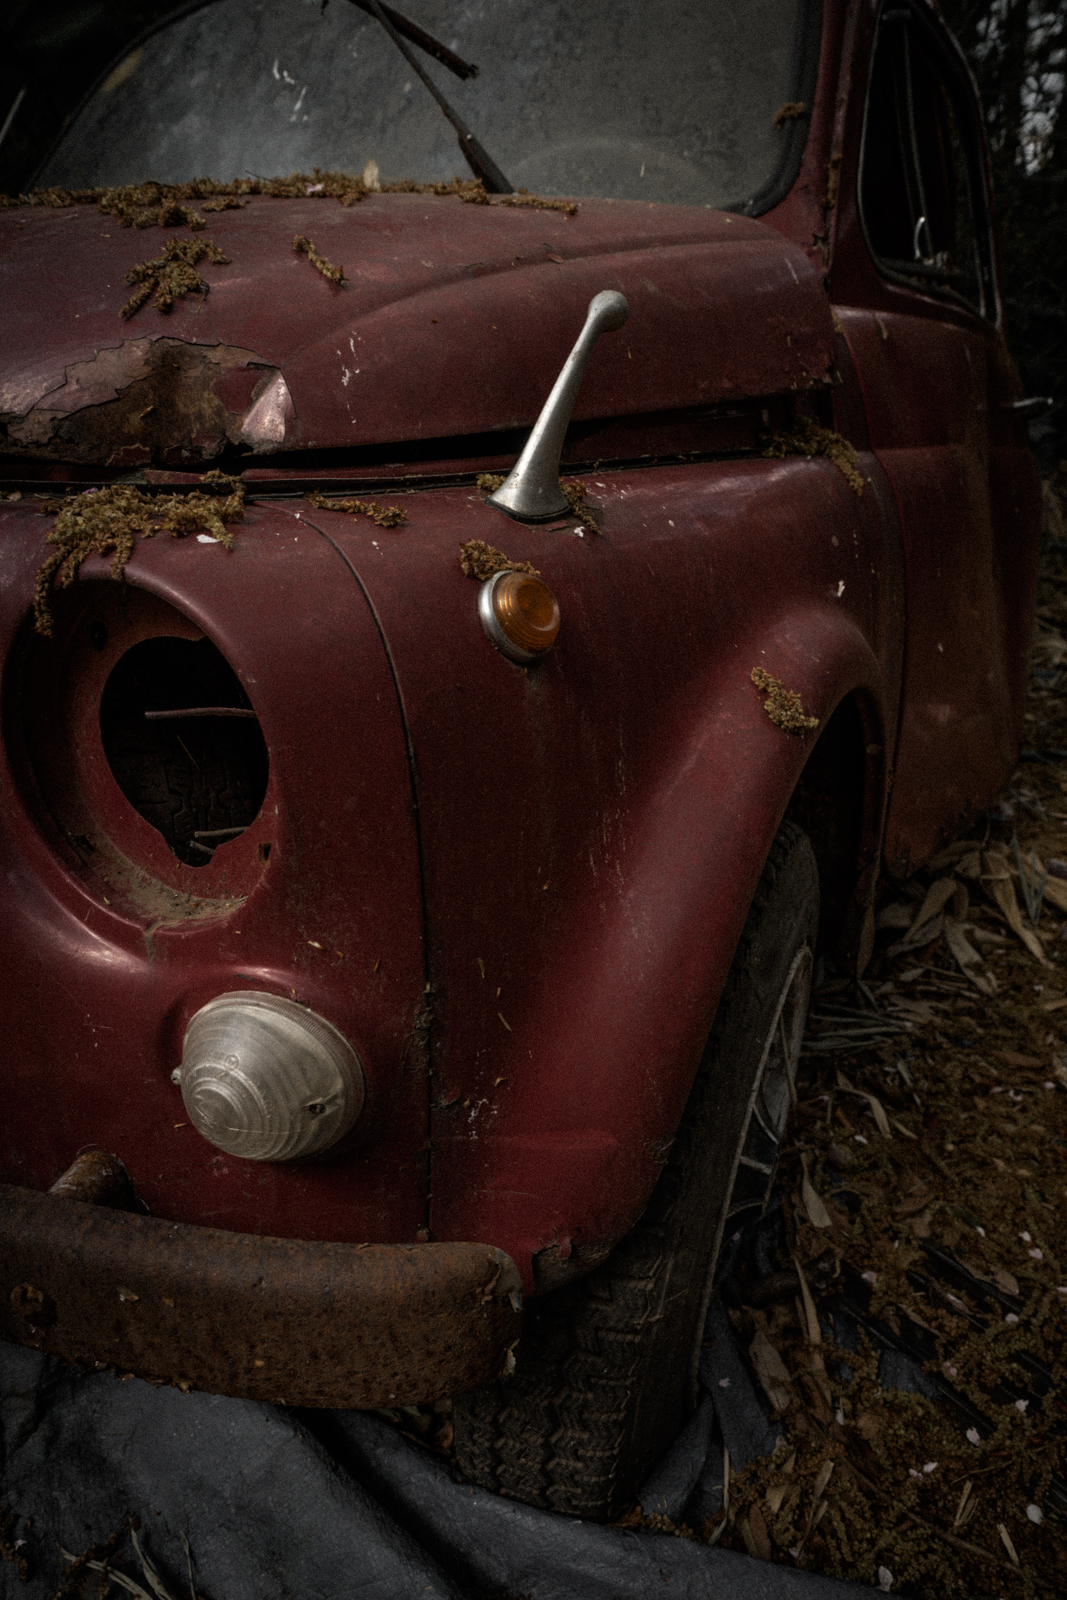 廃車されたビークルの写真